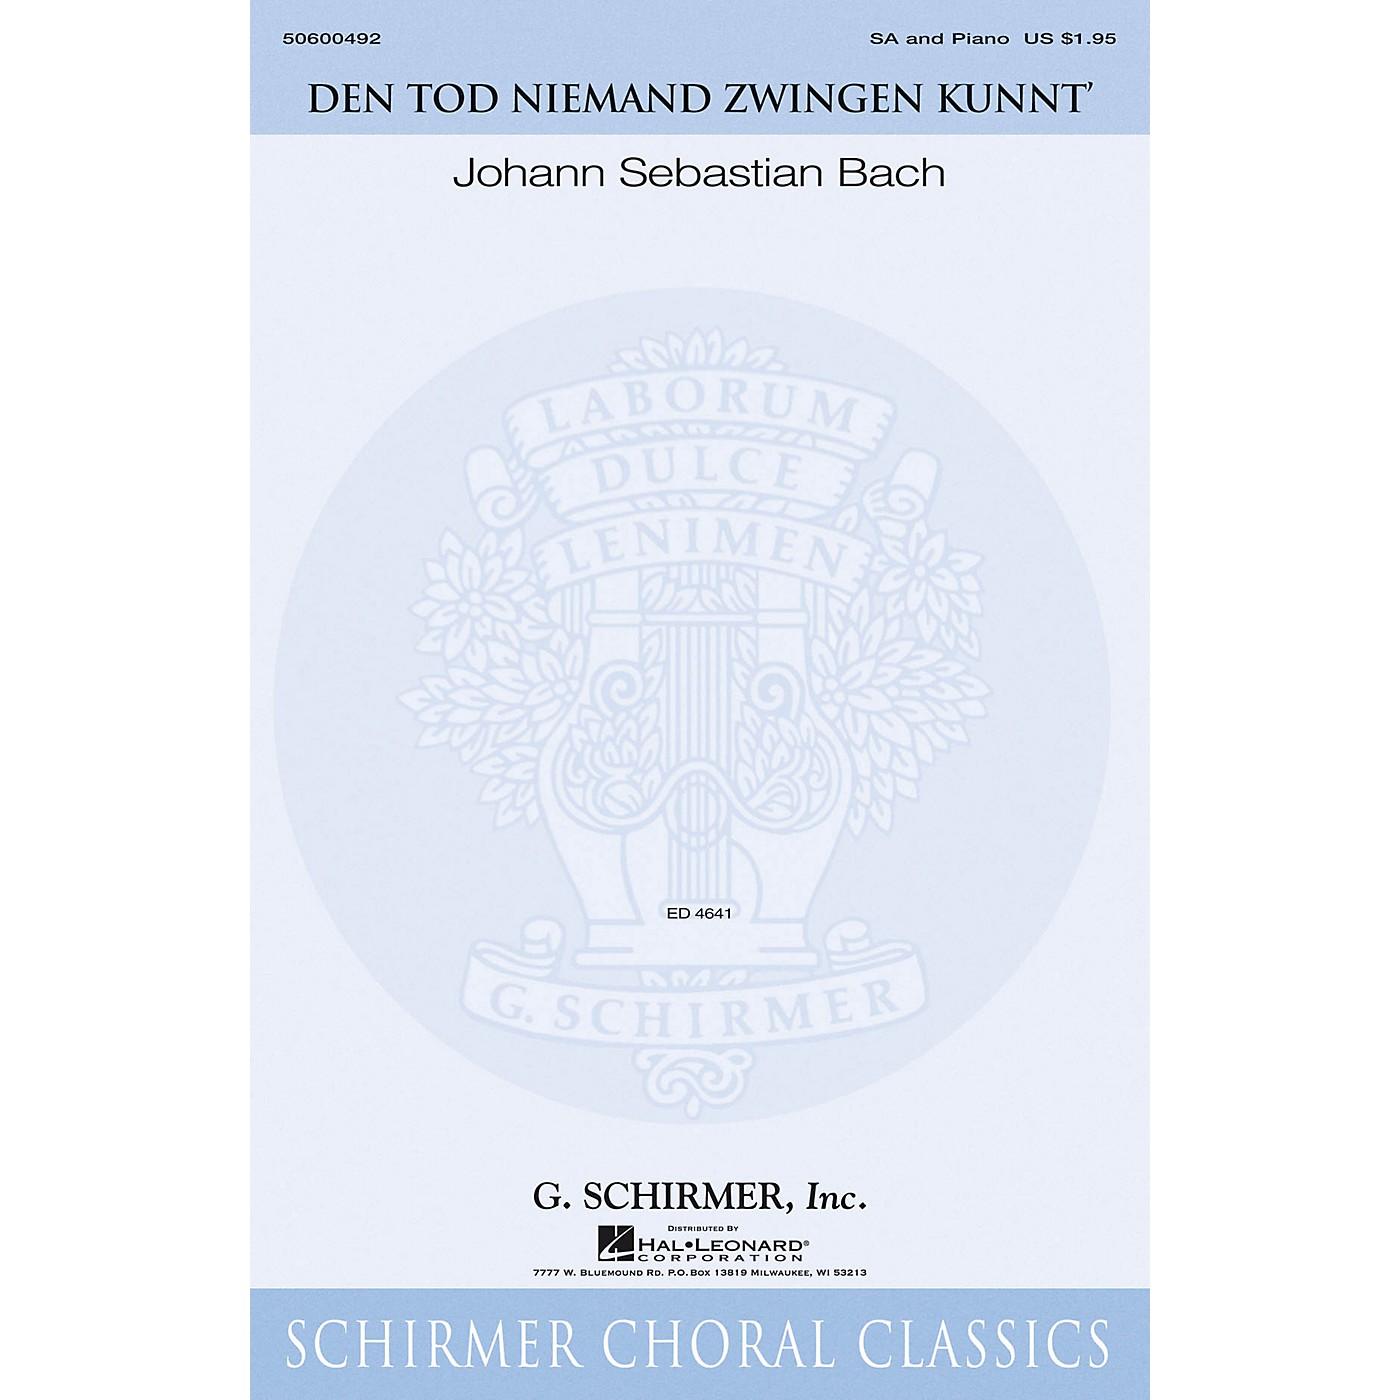 G. Schirmer Den Tod Niemand zwingen kunnt' (Schirmer Choral Classics) SA composed by Johann Sebastian Bach thumbnail